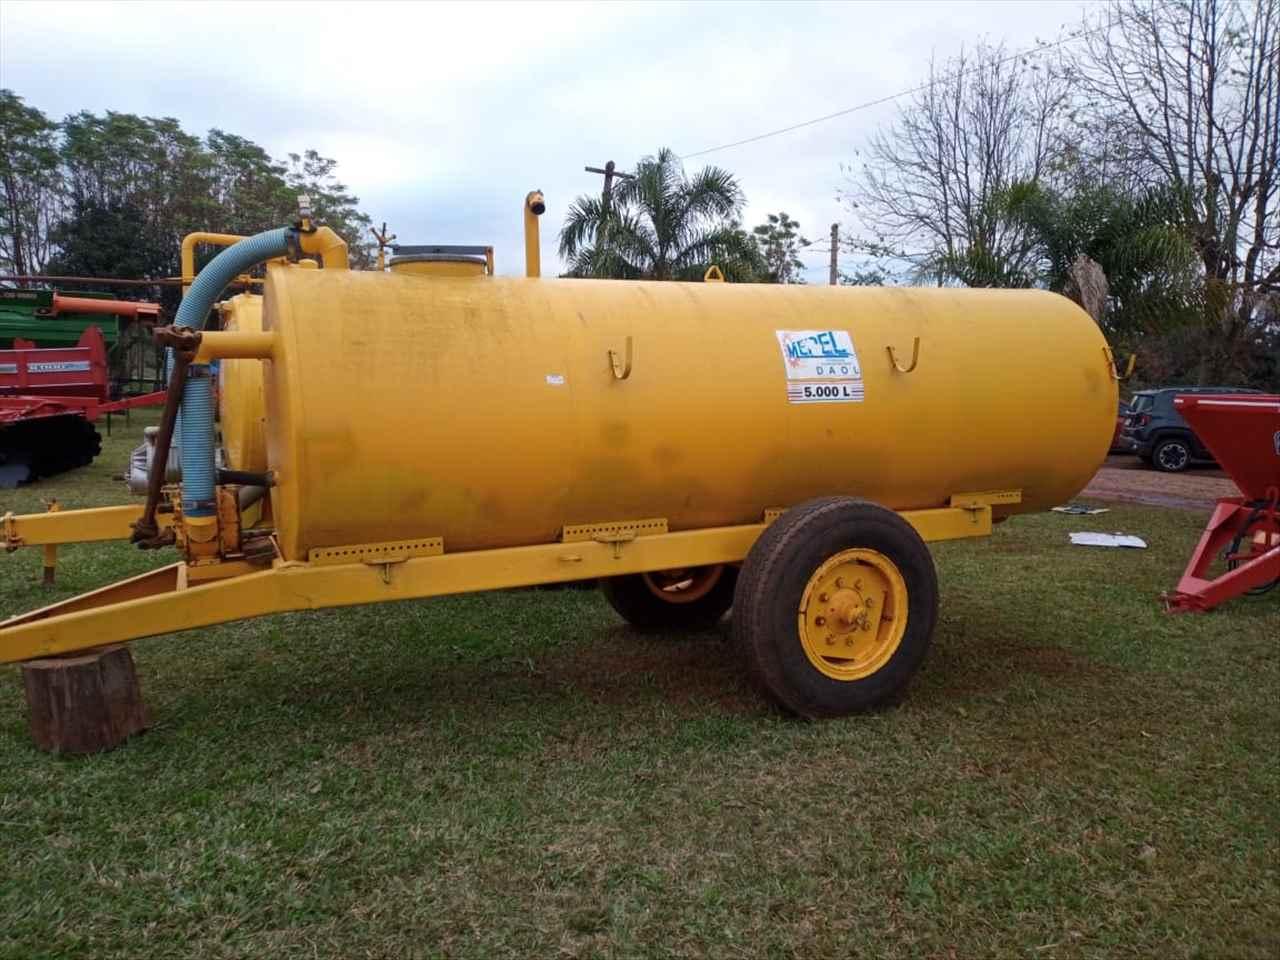 IMPLEMENTOS AGRICOLAS DISTRIBUIDOR ADUBO ORGÂNICO LÍQUIDO Starmaq Implementos Agrícolas CRUZ ALTA RIO GRANDE DO SUL RS